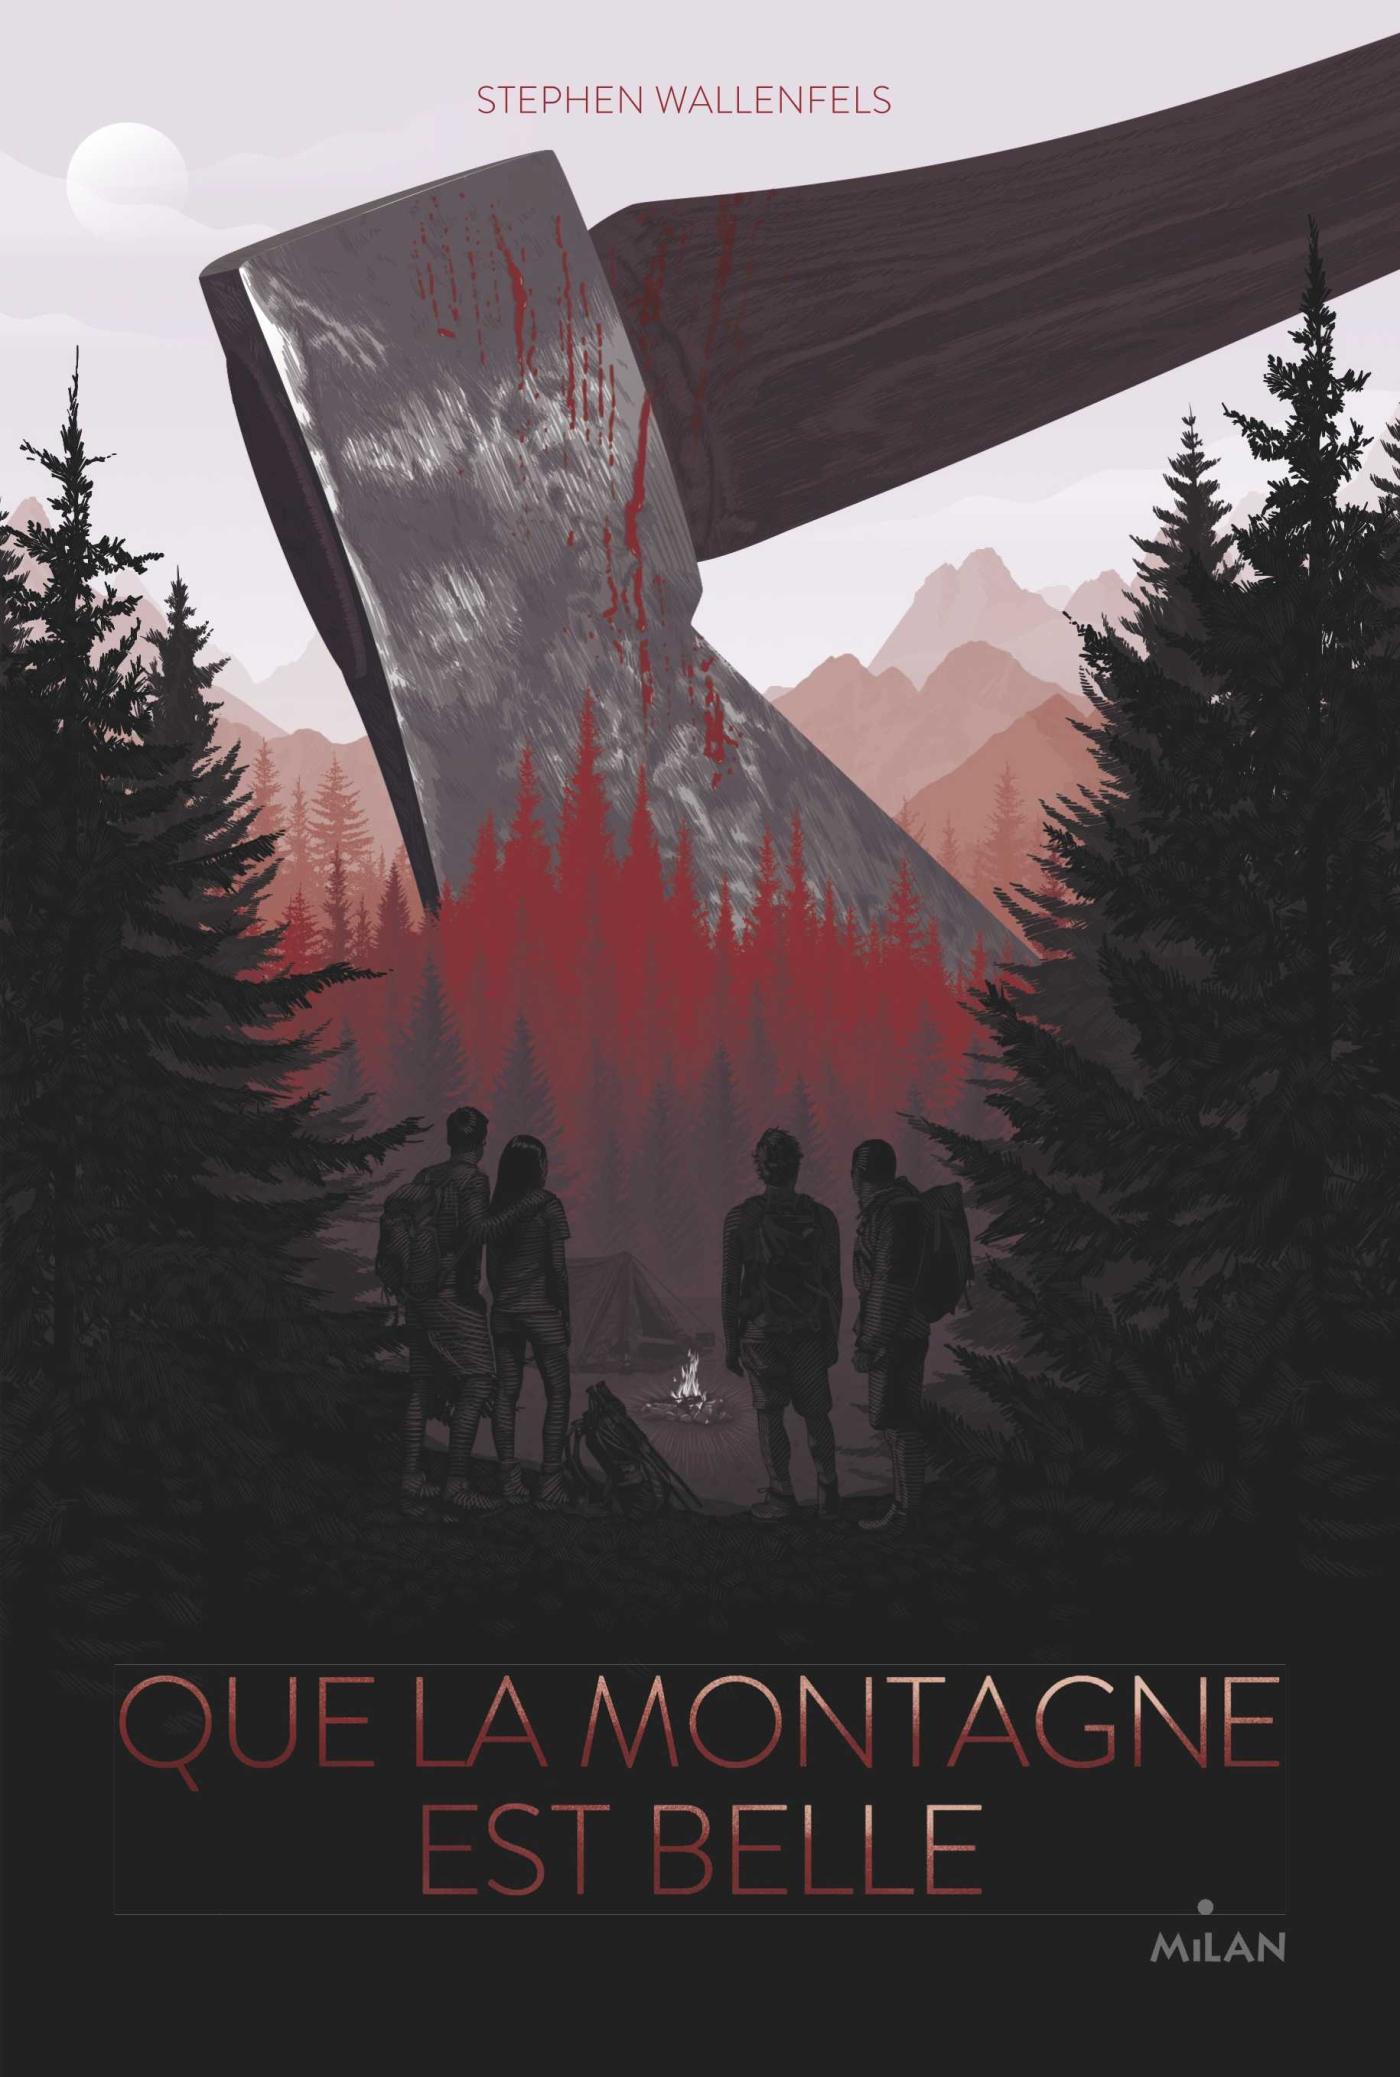 Image de l'article «Que la montagne est belle de Stephen Wallenfels»